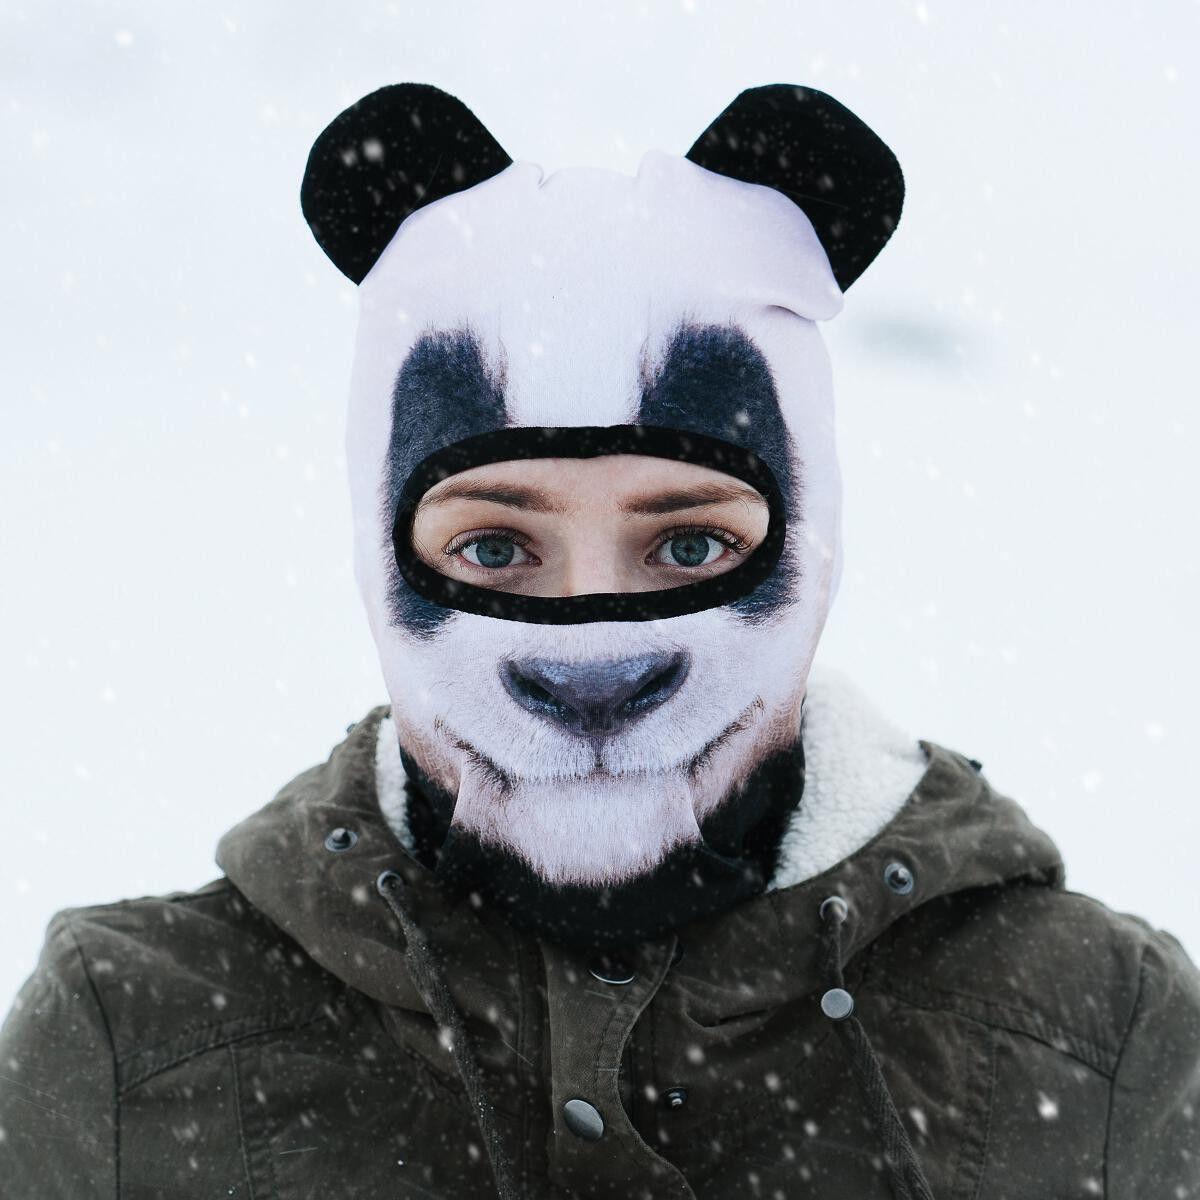 Lustige Skimasken mit Tiermotiven